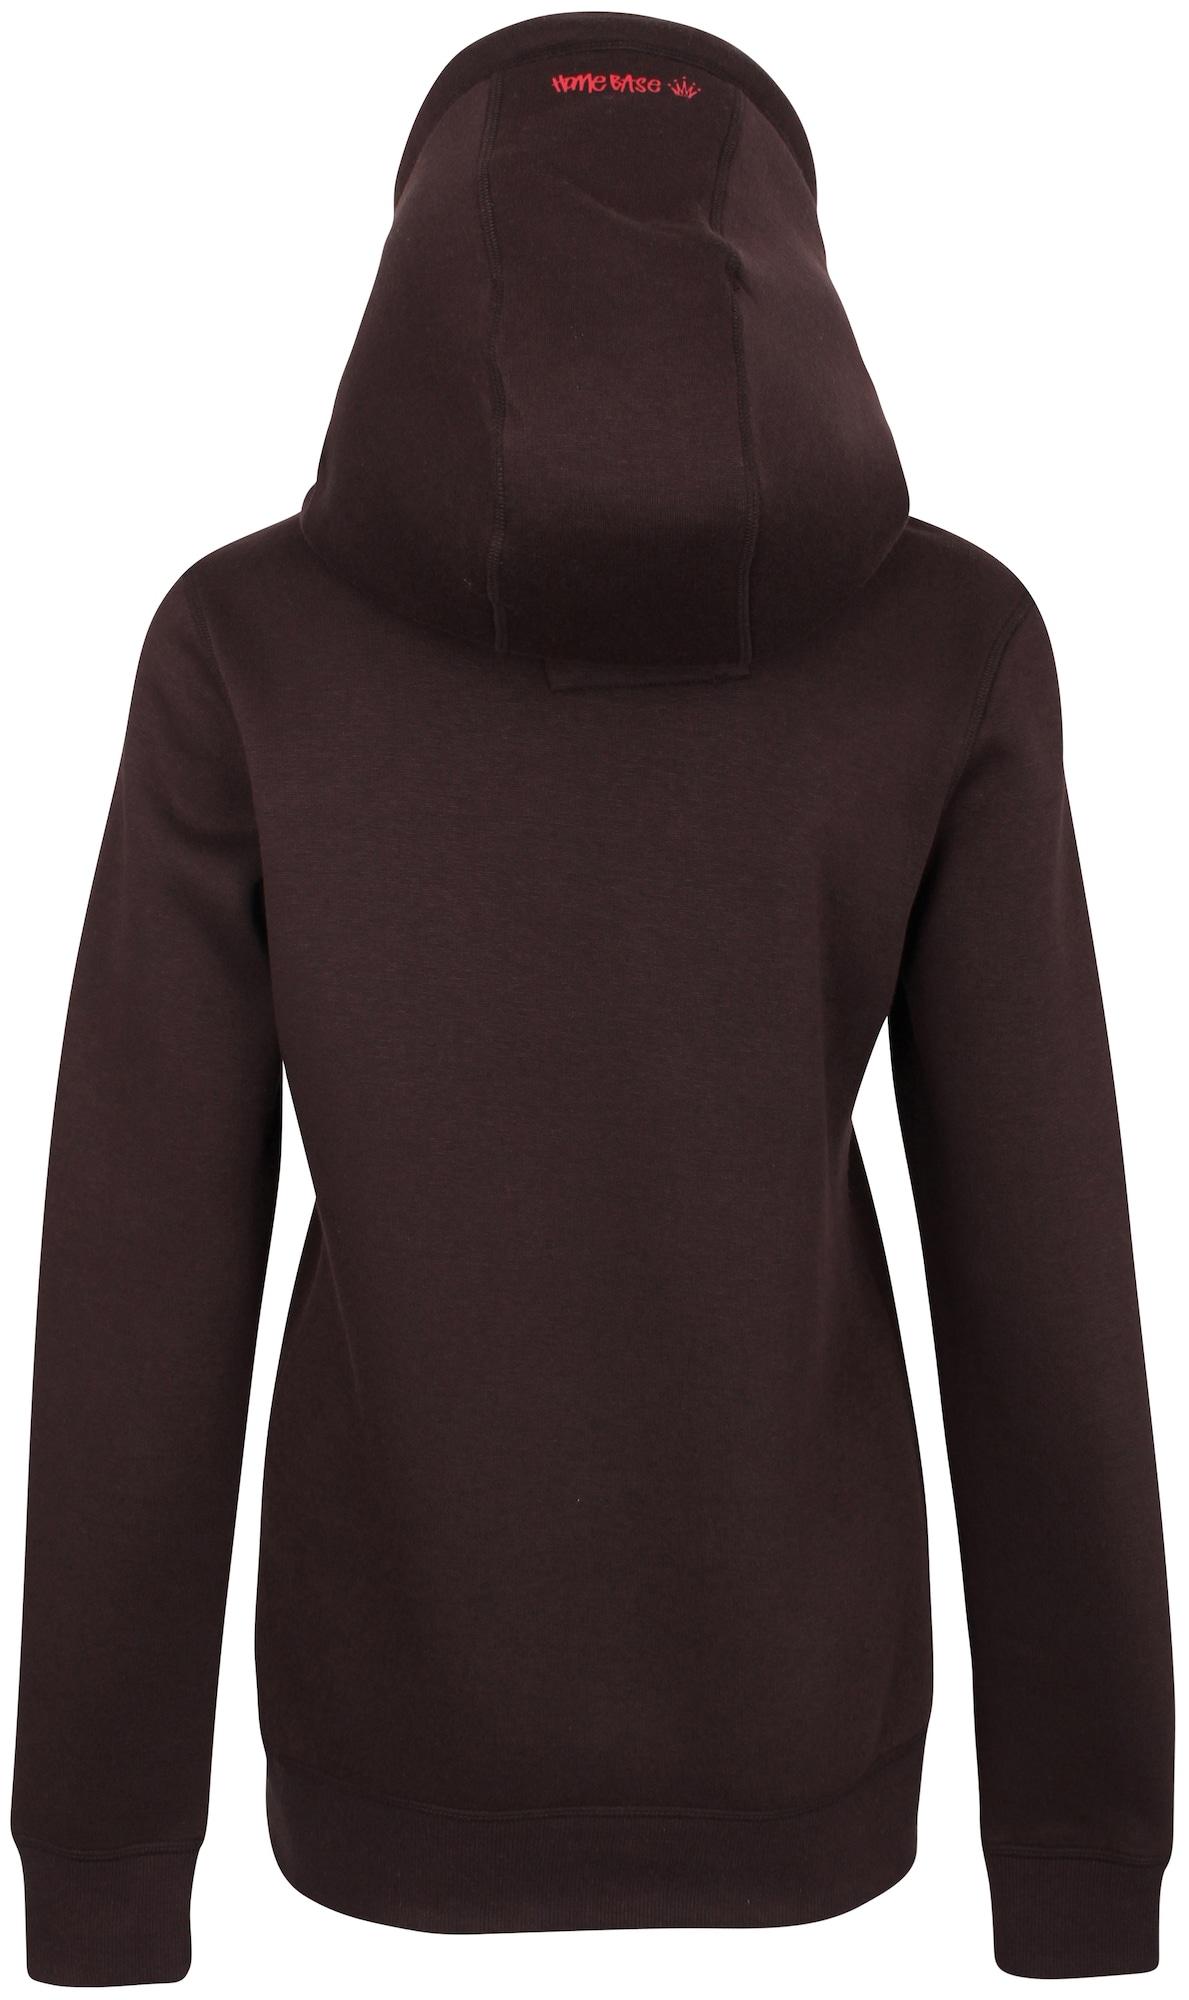 HOMEBASE, Damen Sweatshirt, bruin / basaltgrijs / rood / wit